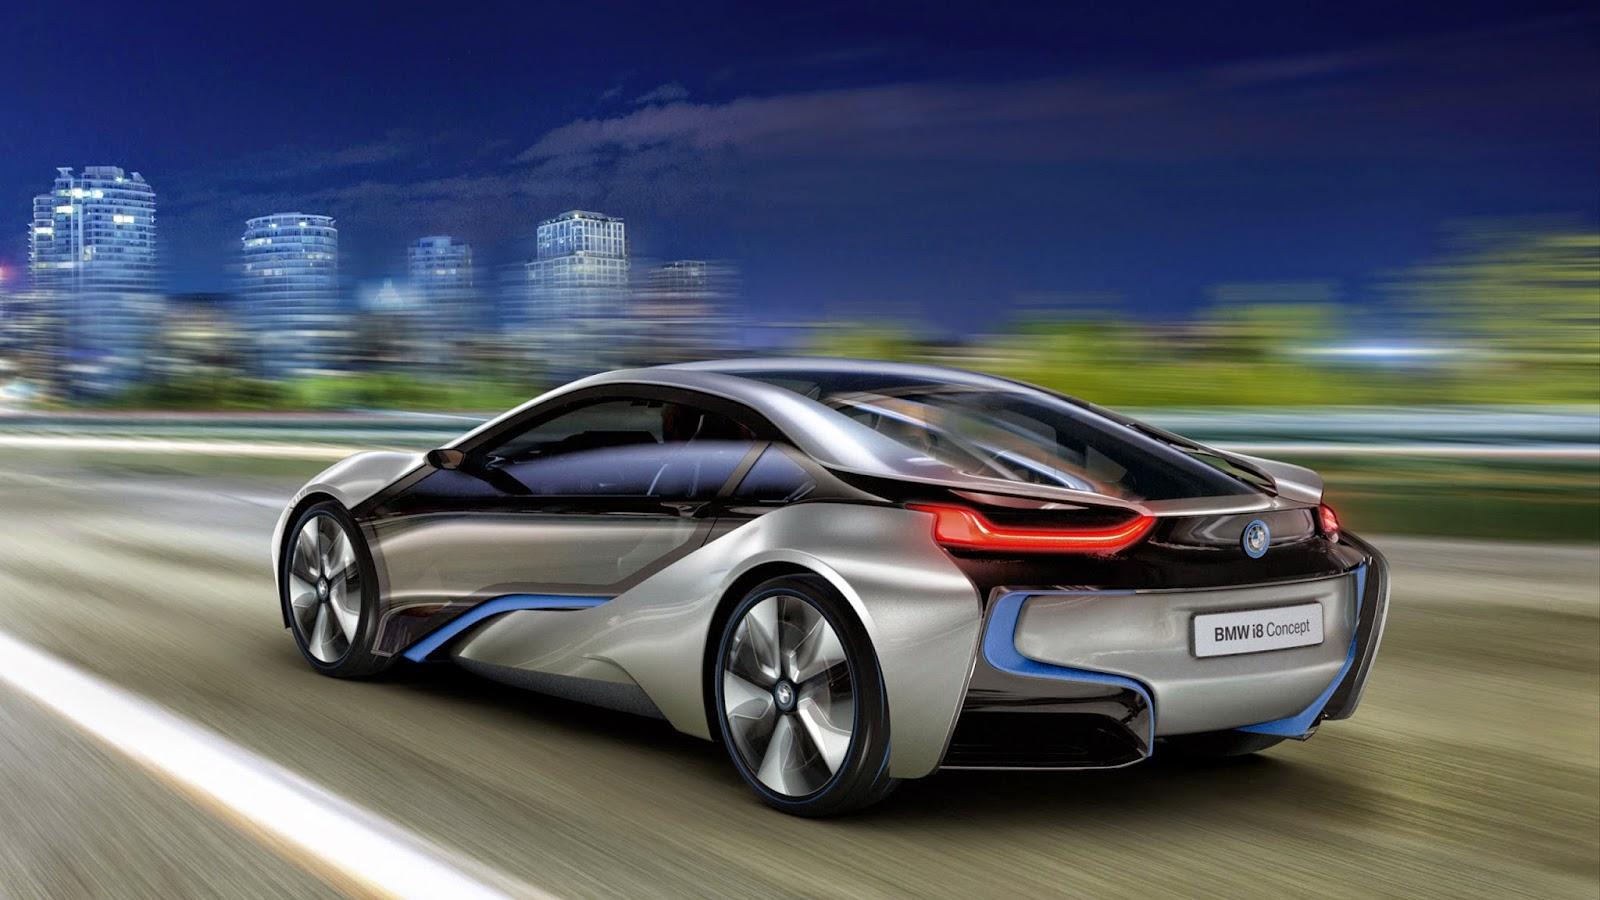 Wallpaper Mobil BMW I8 Concept Terbaru